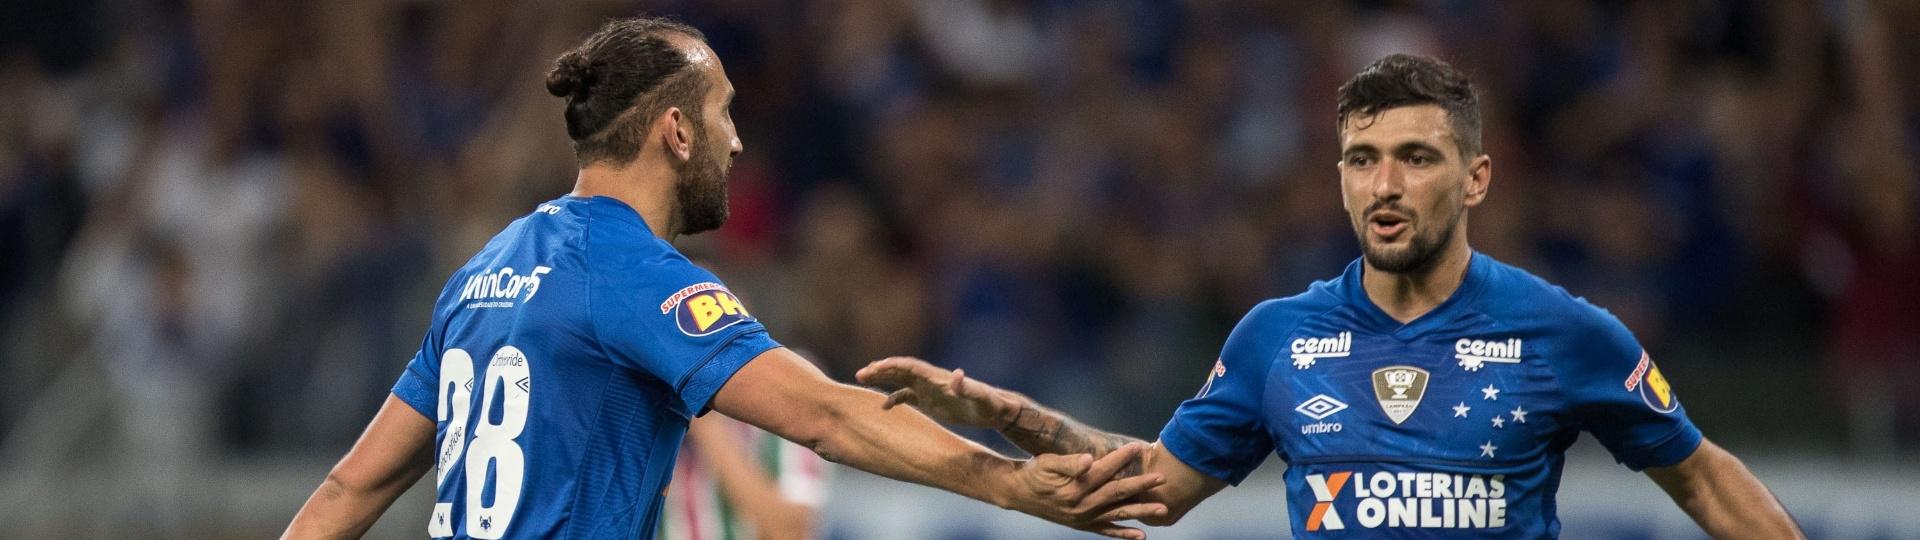 Jogadores do Cruzeiro comemoram segundo gol contra o Fluminense